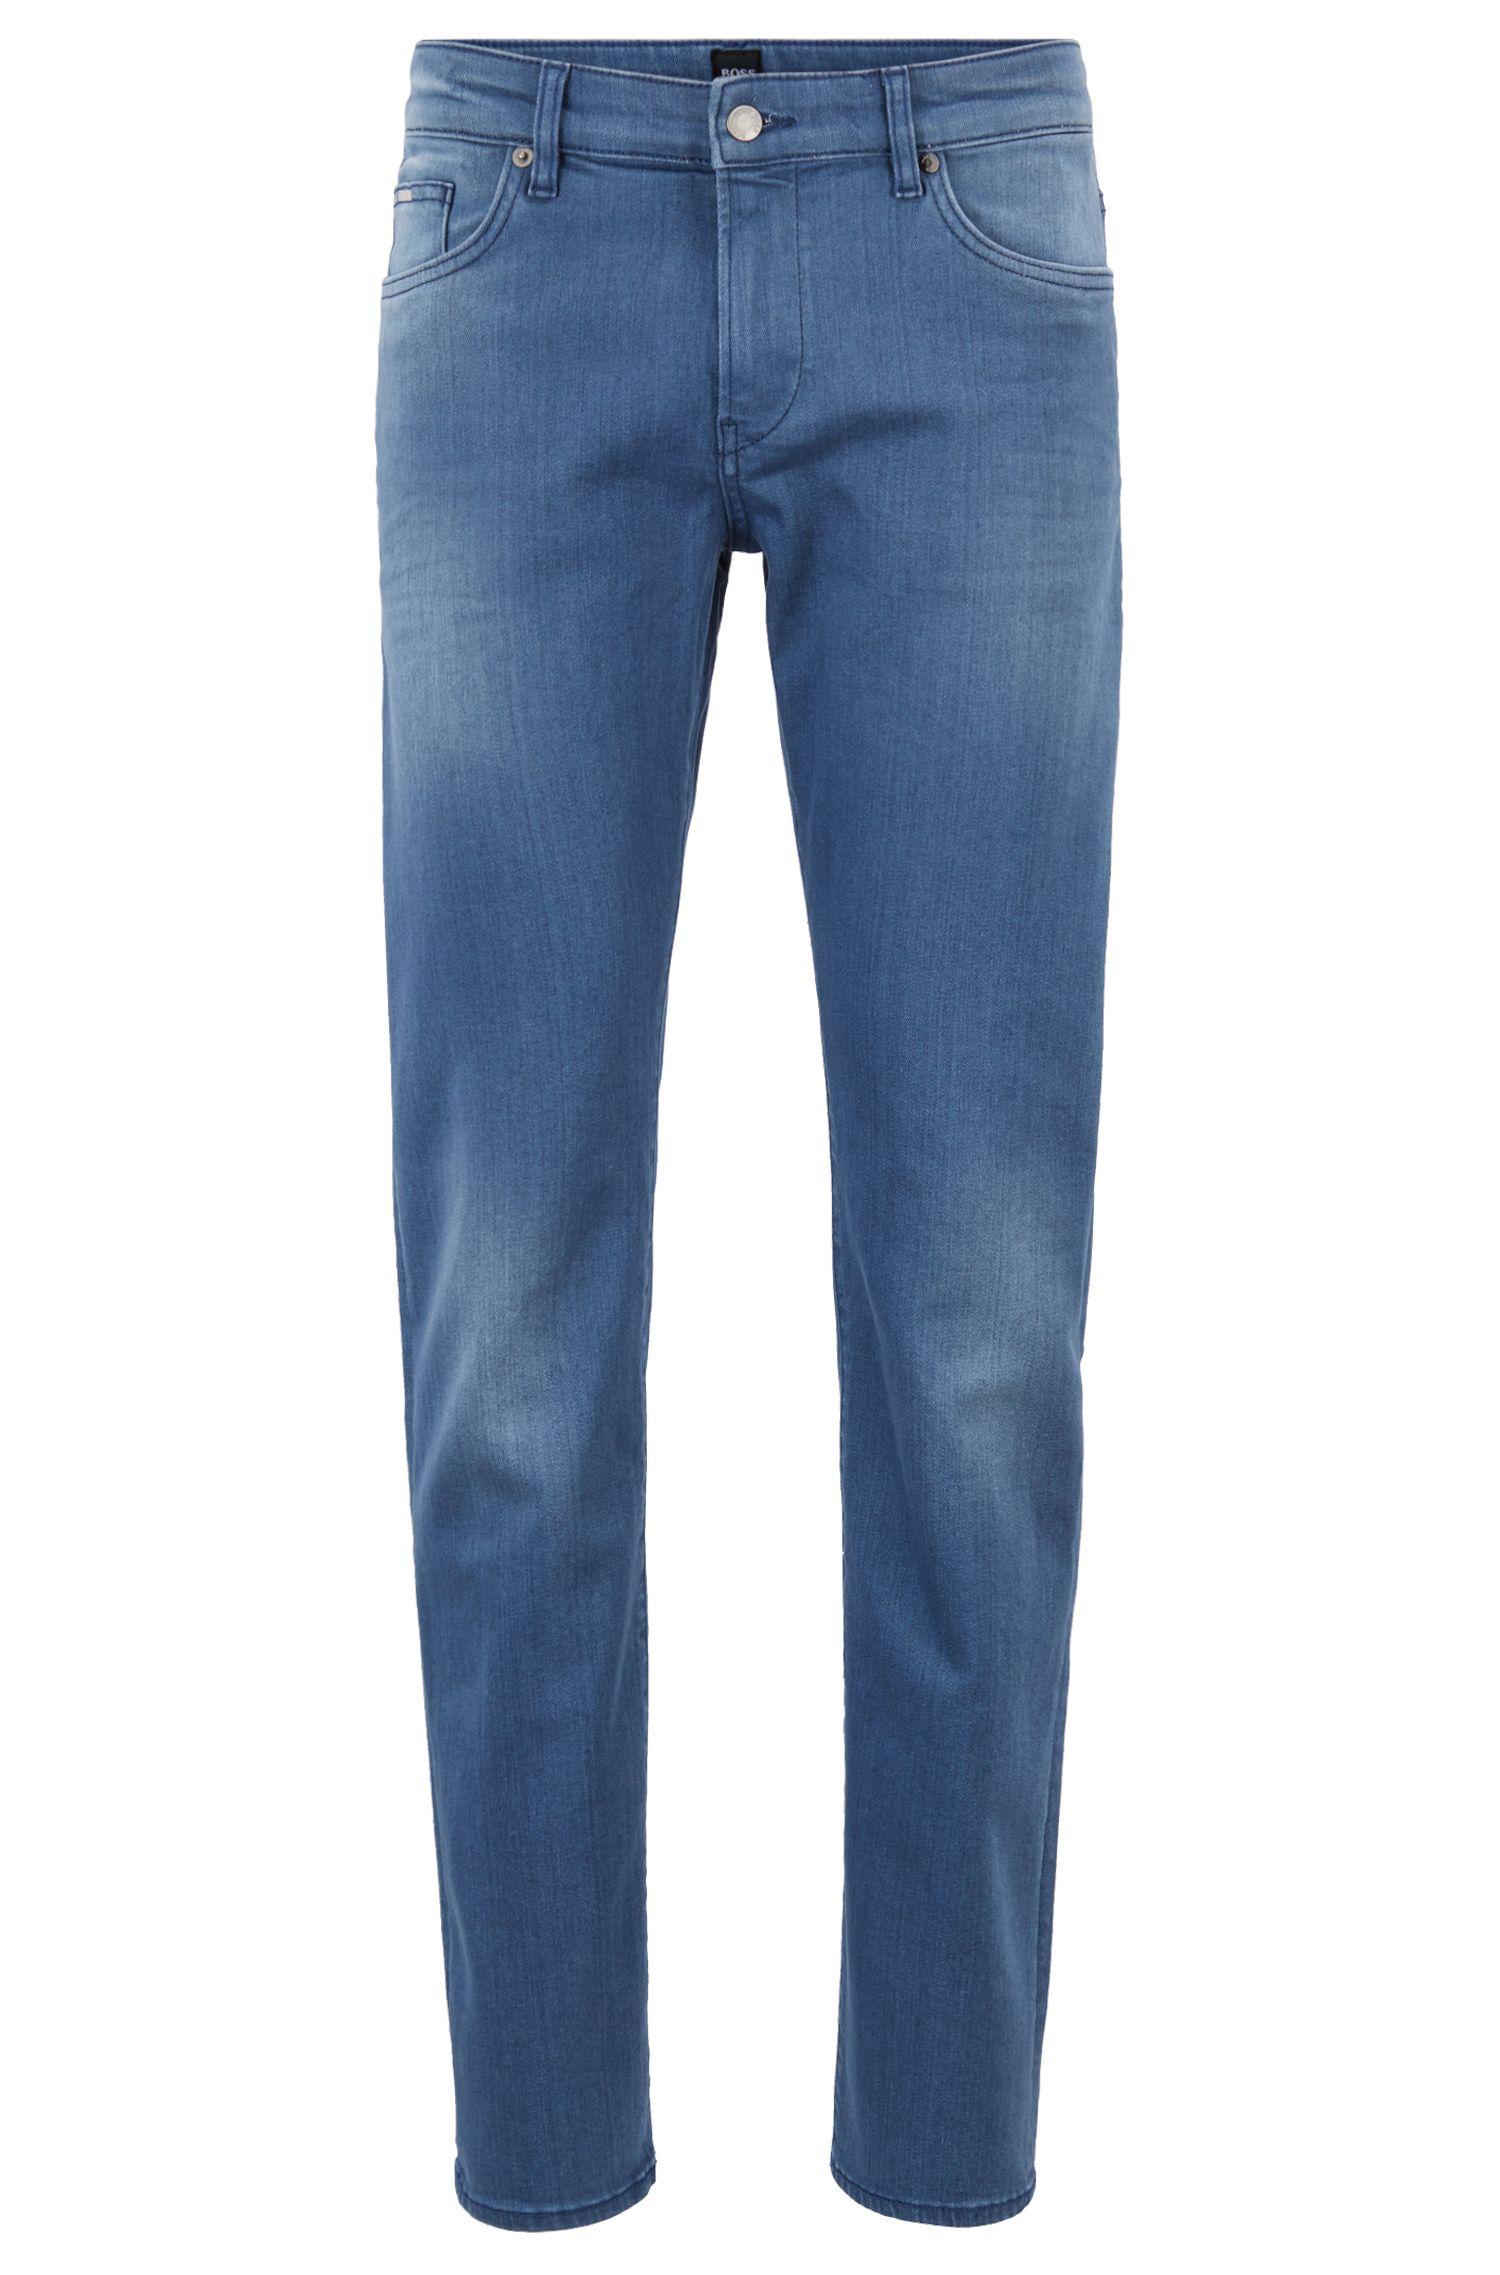 Slim-Fit Jeans aus nachhaltigem Denim, Blau